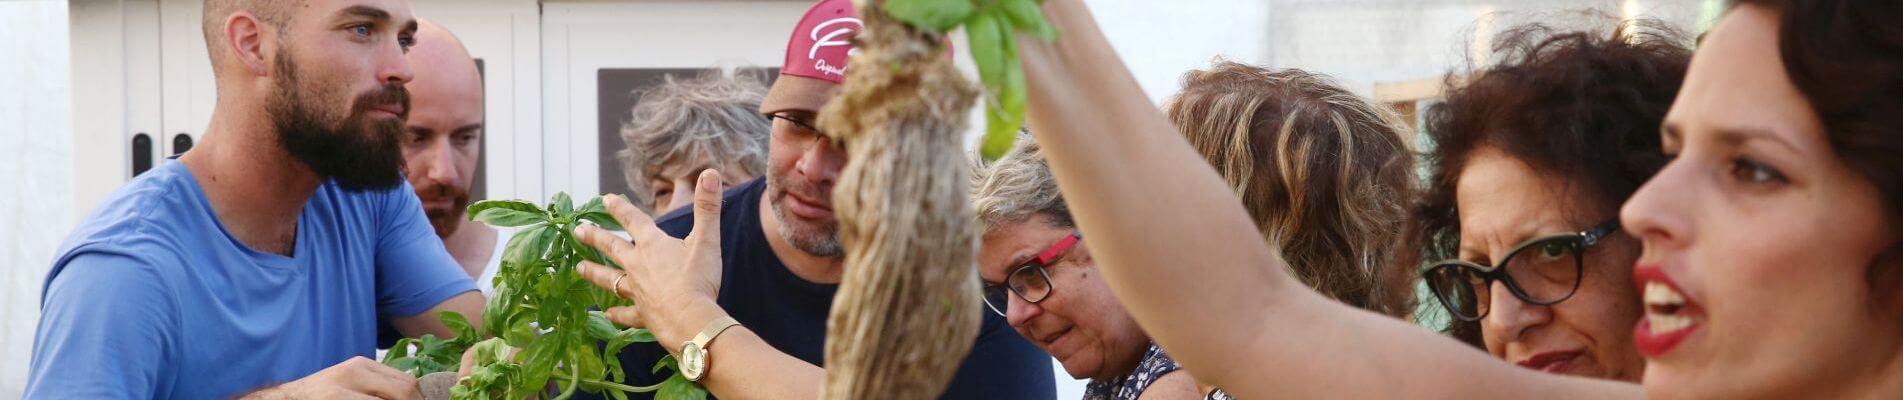 סדנת חקלאות אורבנית – גידול ירקות ללא אדמה